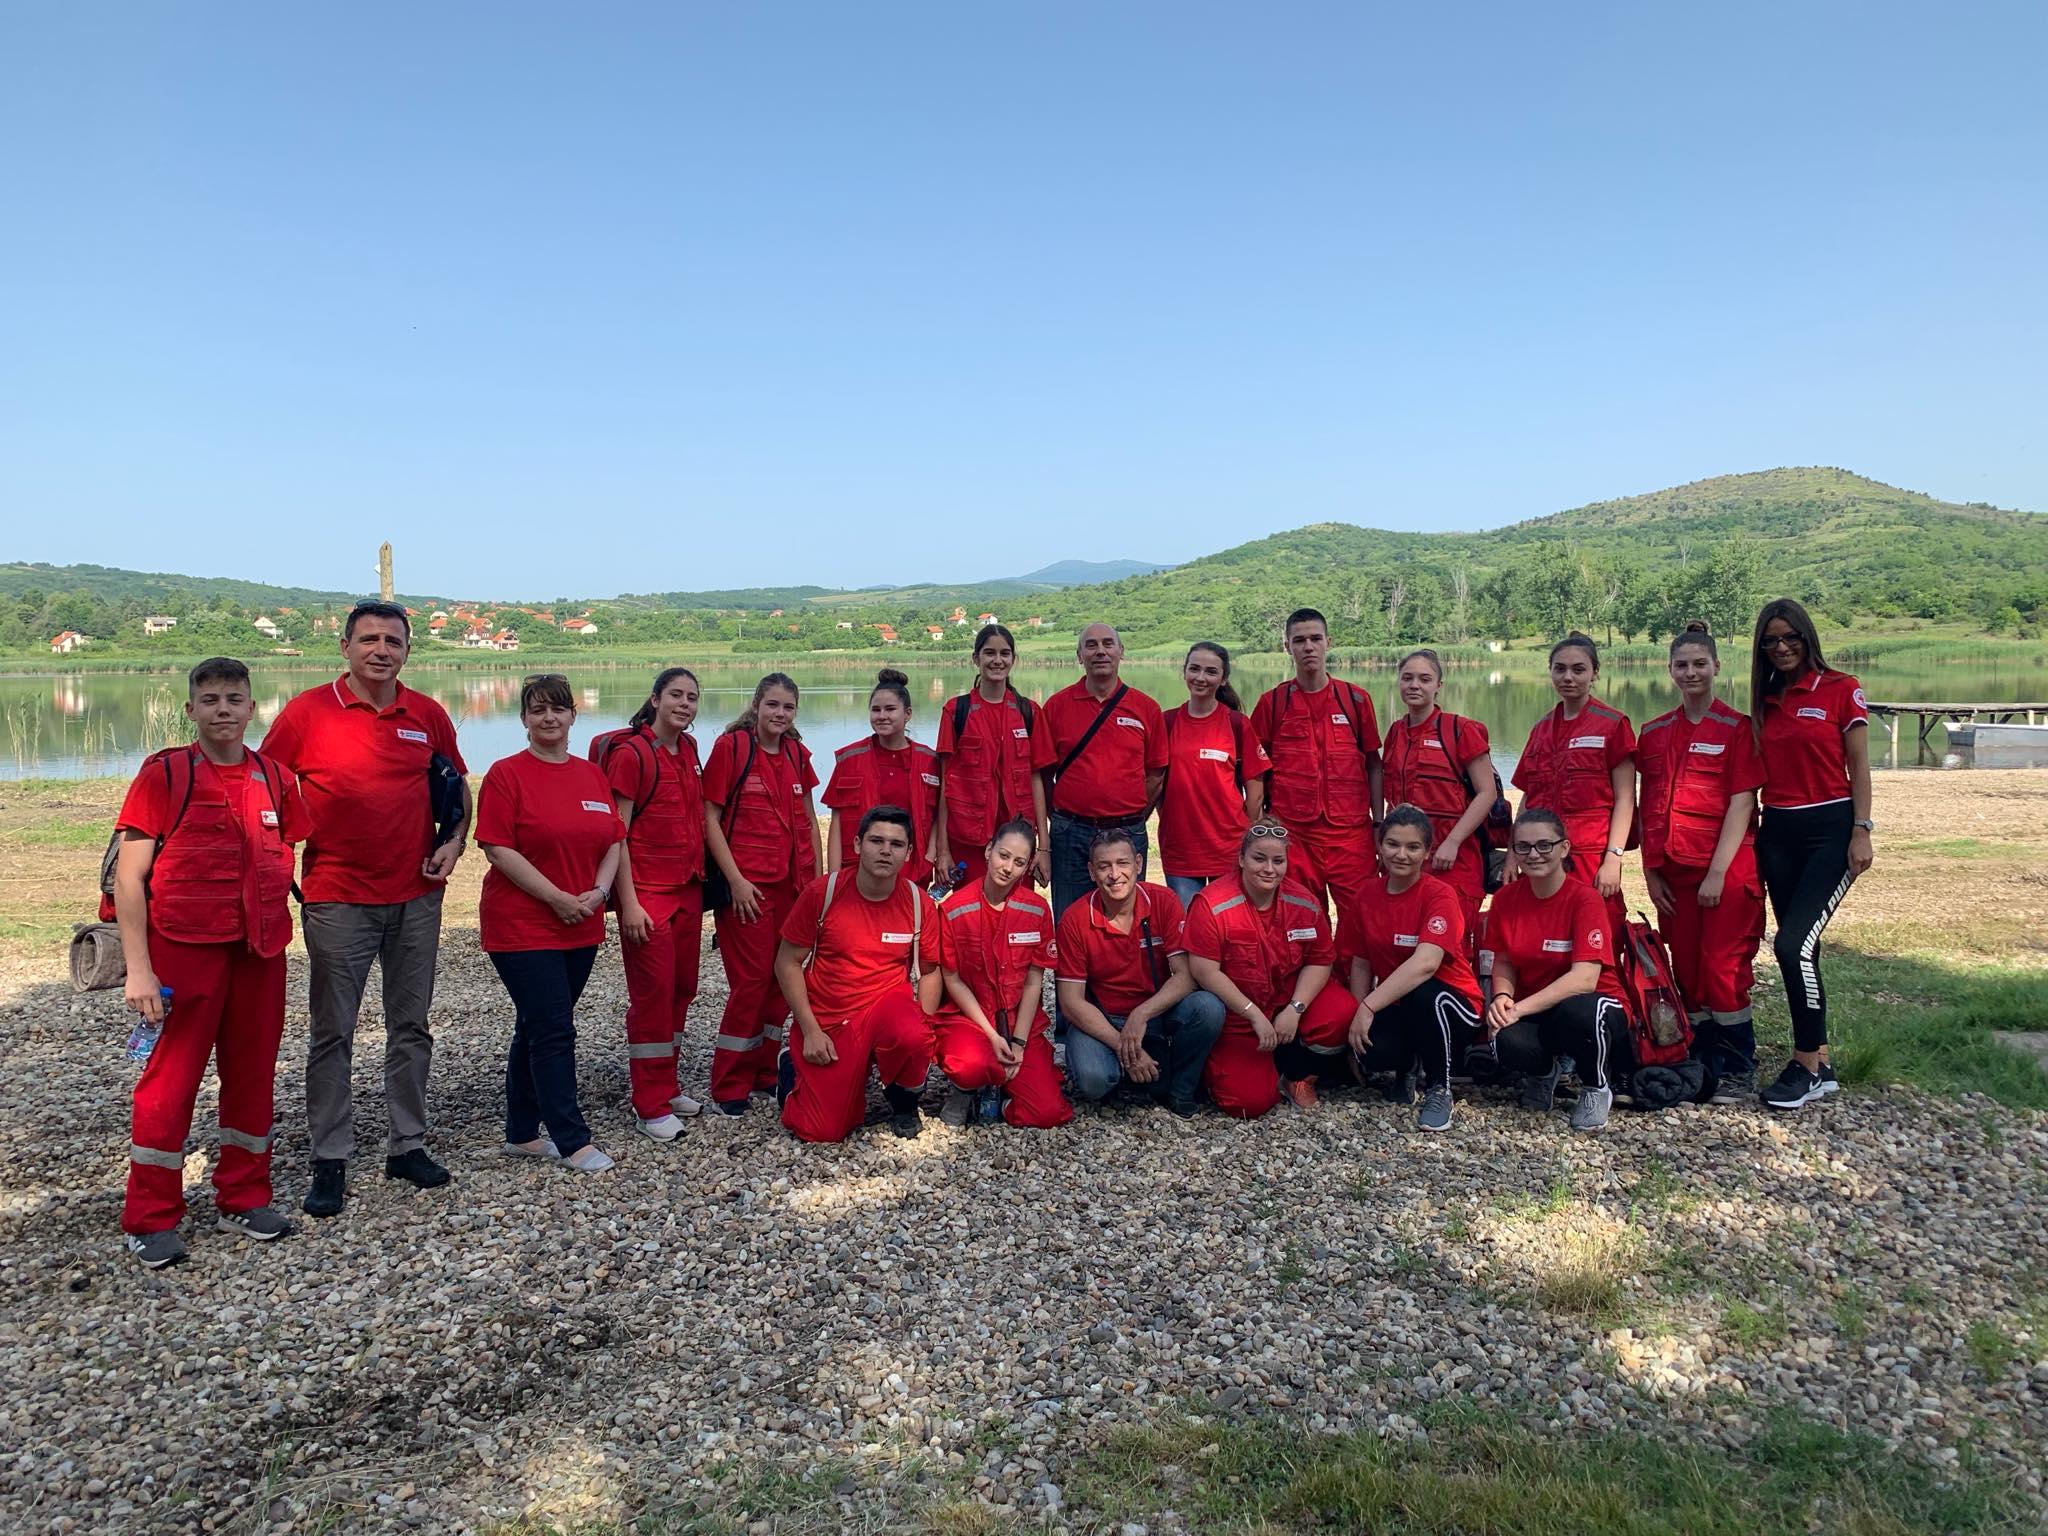 Međuregionalno takmičenje ekipa prve pomoći Crvenog krsta Srbije 19425